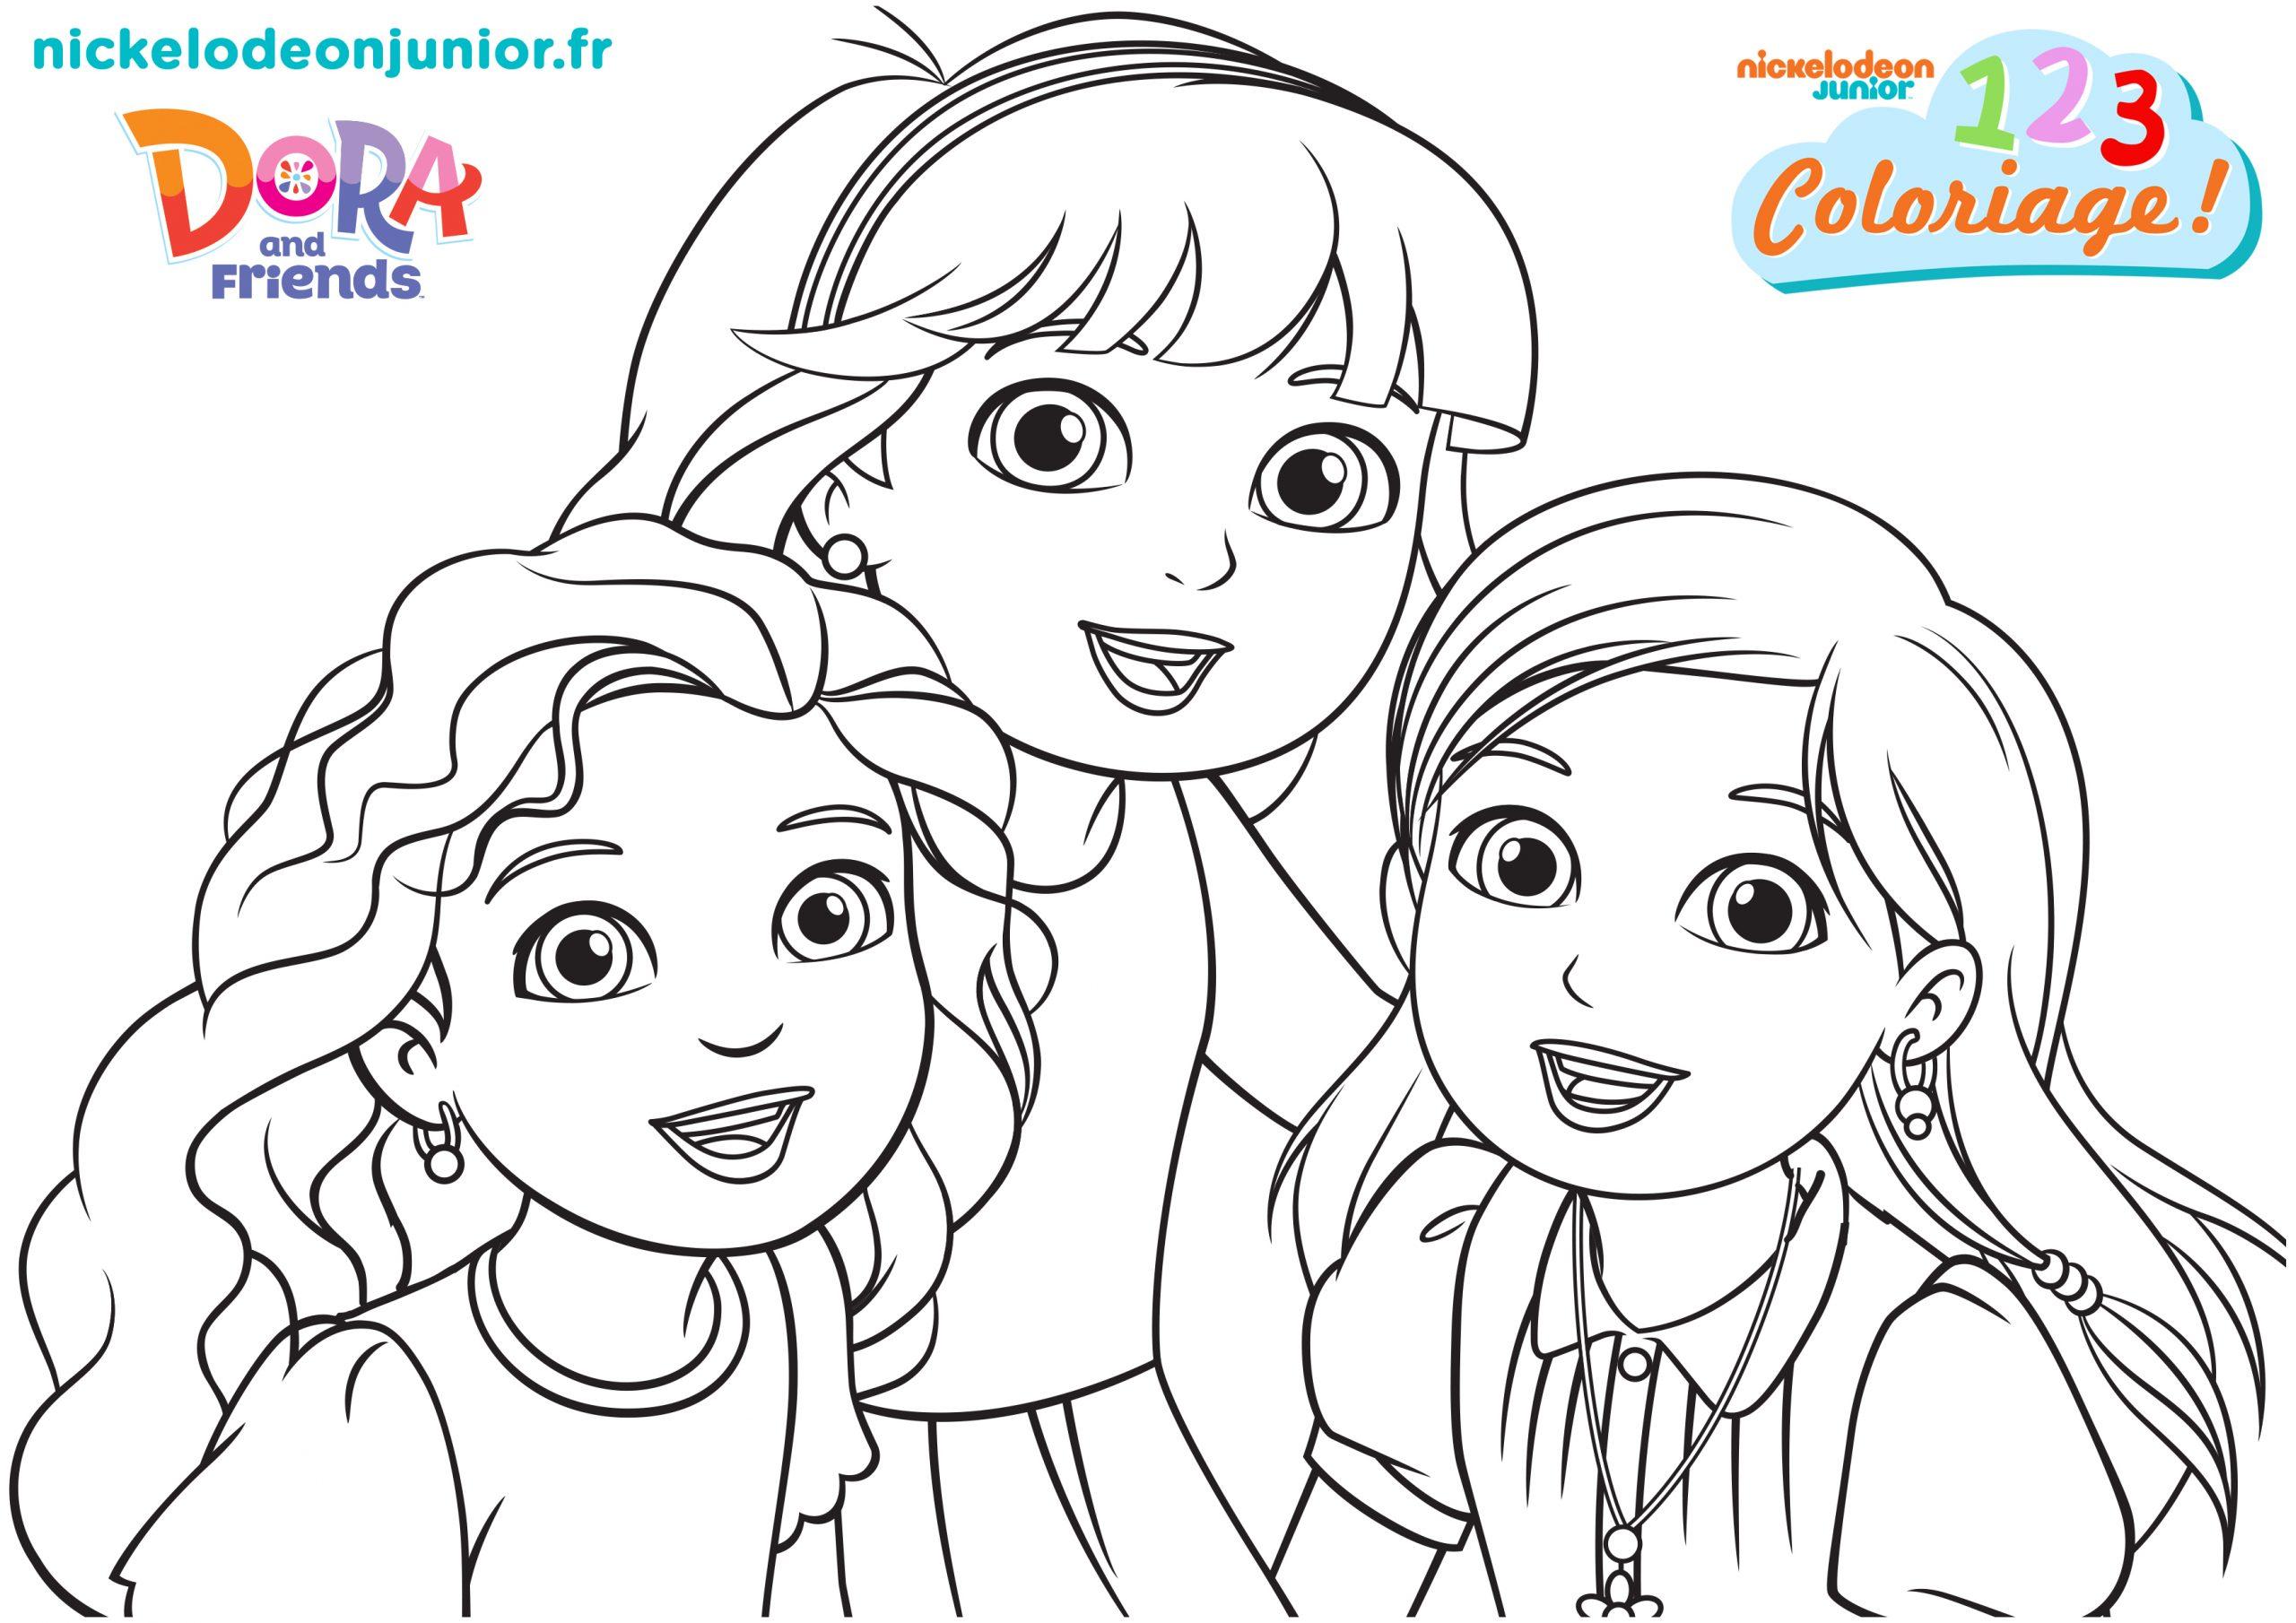 1, 2, 3 Coloriage ! | Dora And Friends : Au Coeur De La tout Coloriage Dora Princesse